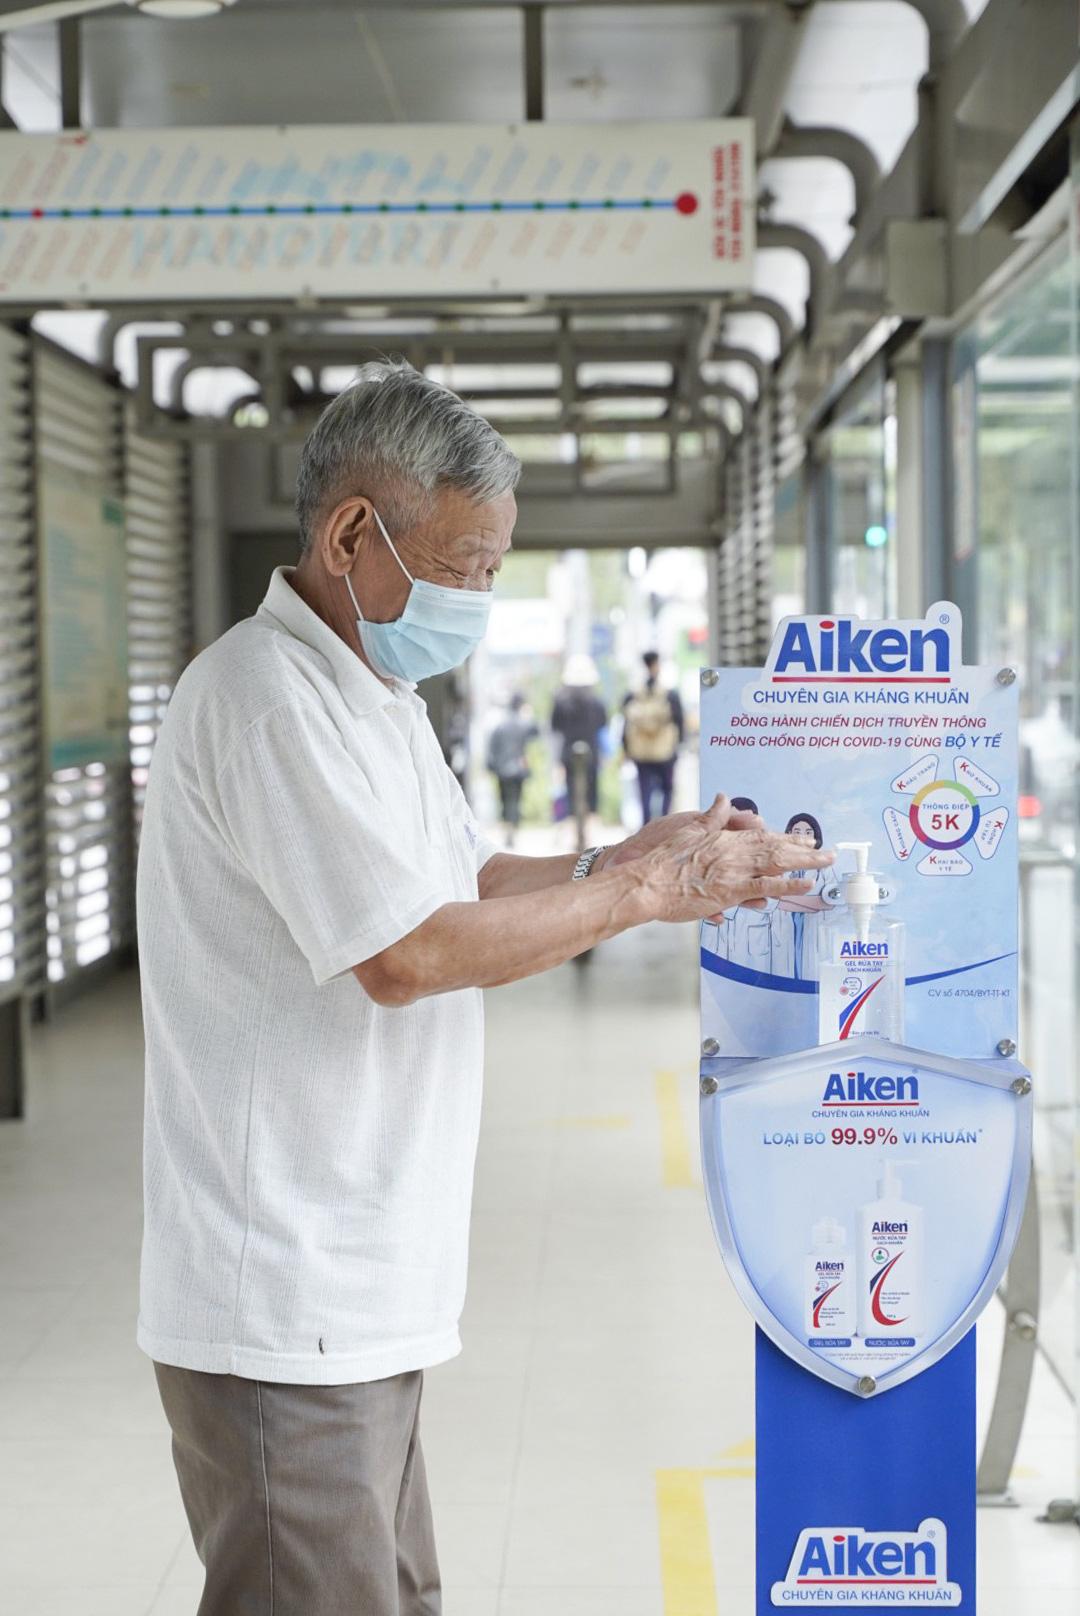 Giữ sạch đôi tay, hòa nhịp sống vui với trụ rửa tay sạch khuẩn nơi công cộng - Ảnh 4.